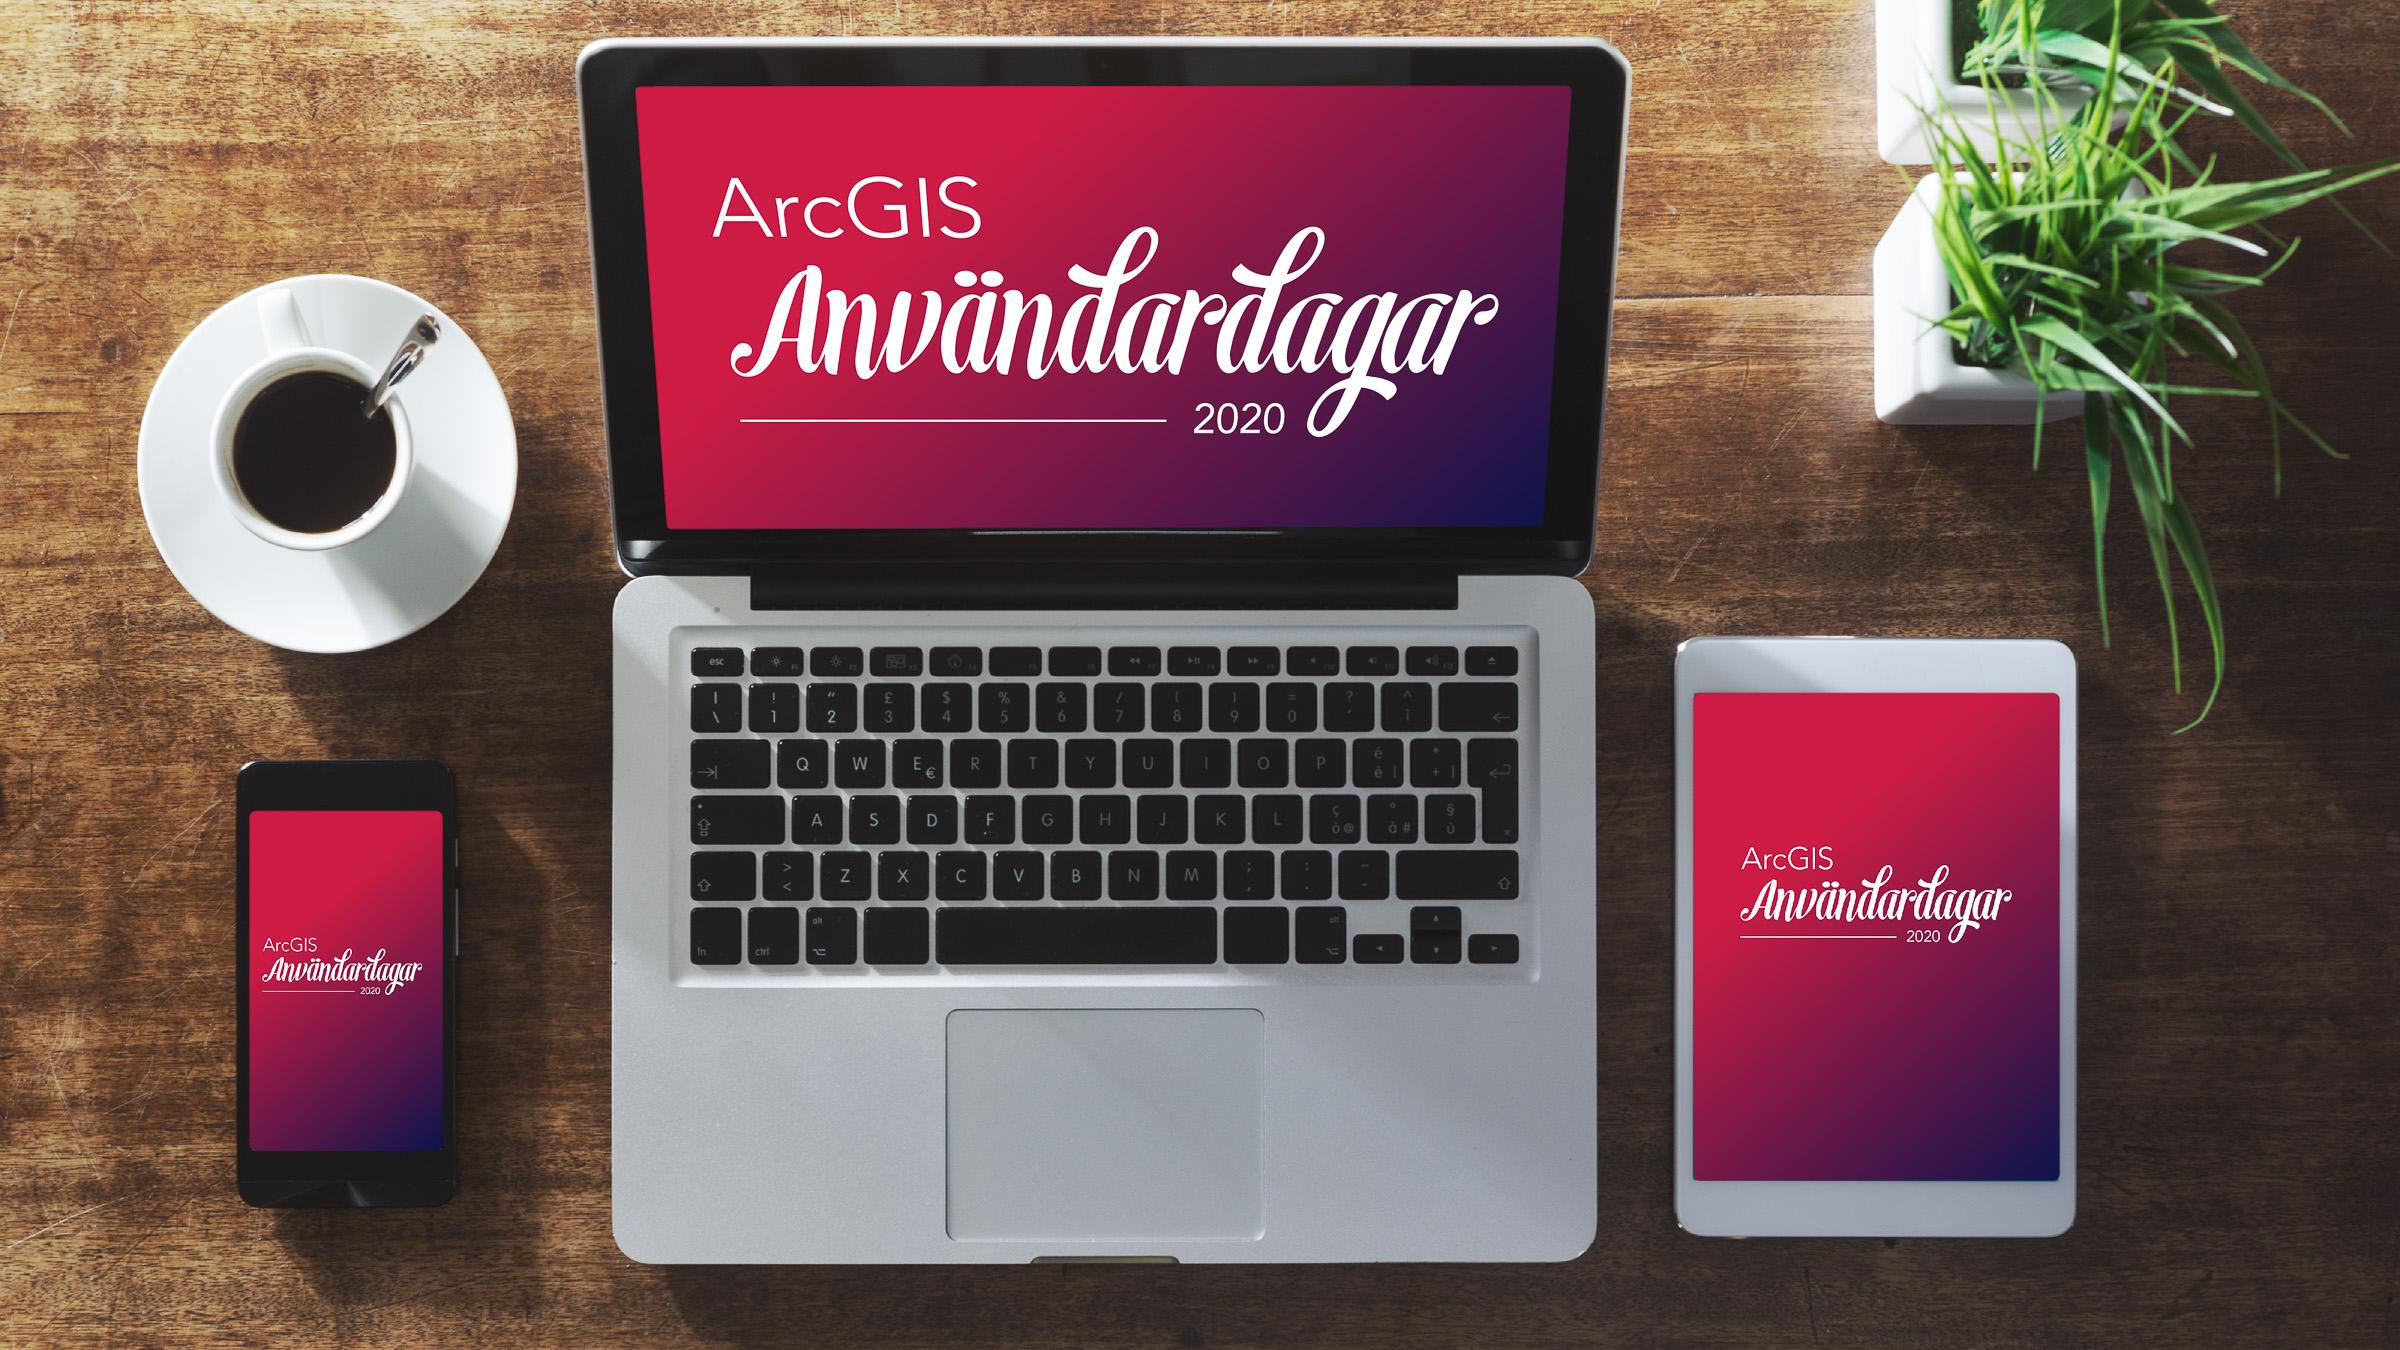 ArcGIS användardagar 2020 blir digital